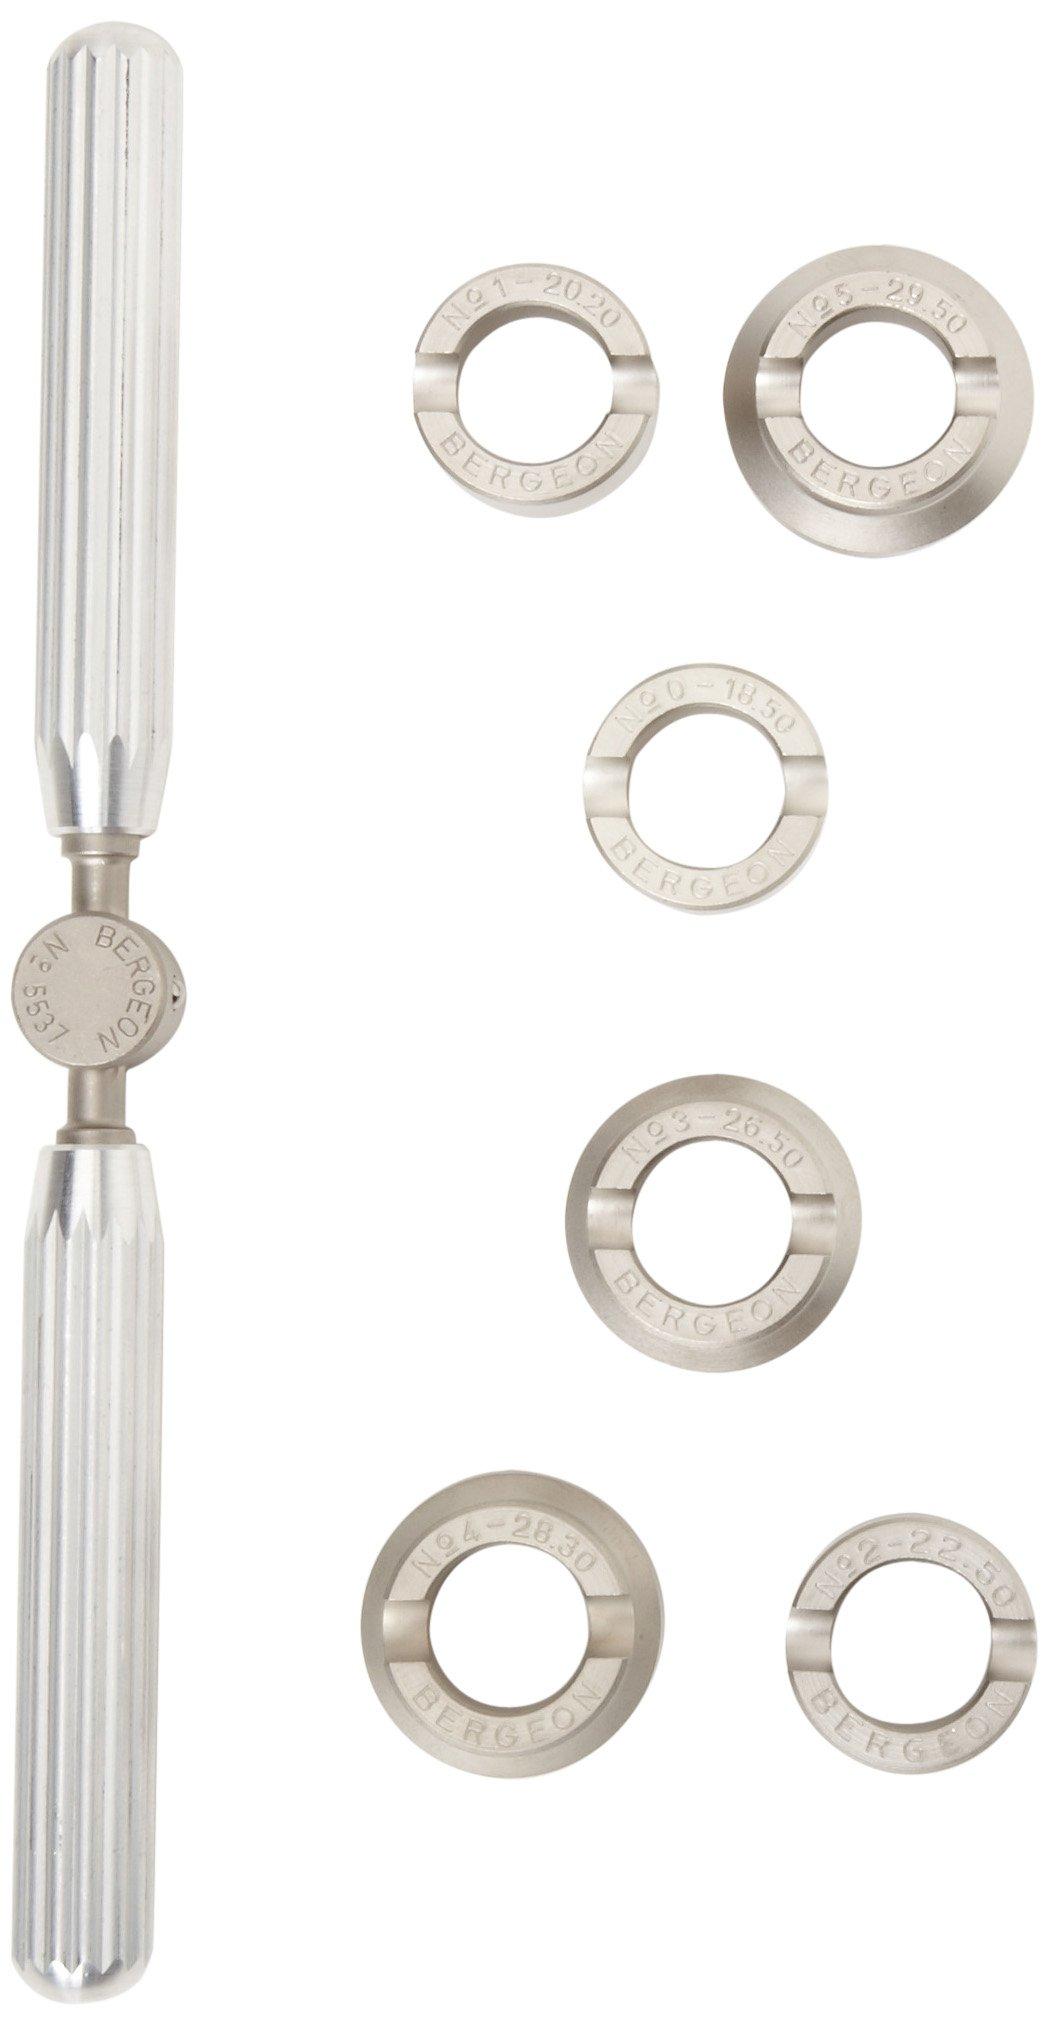 Bergeon 55-050 Oyster Case Opener Watch Repair Kit